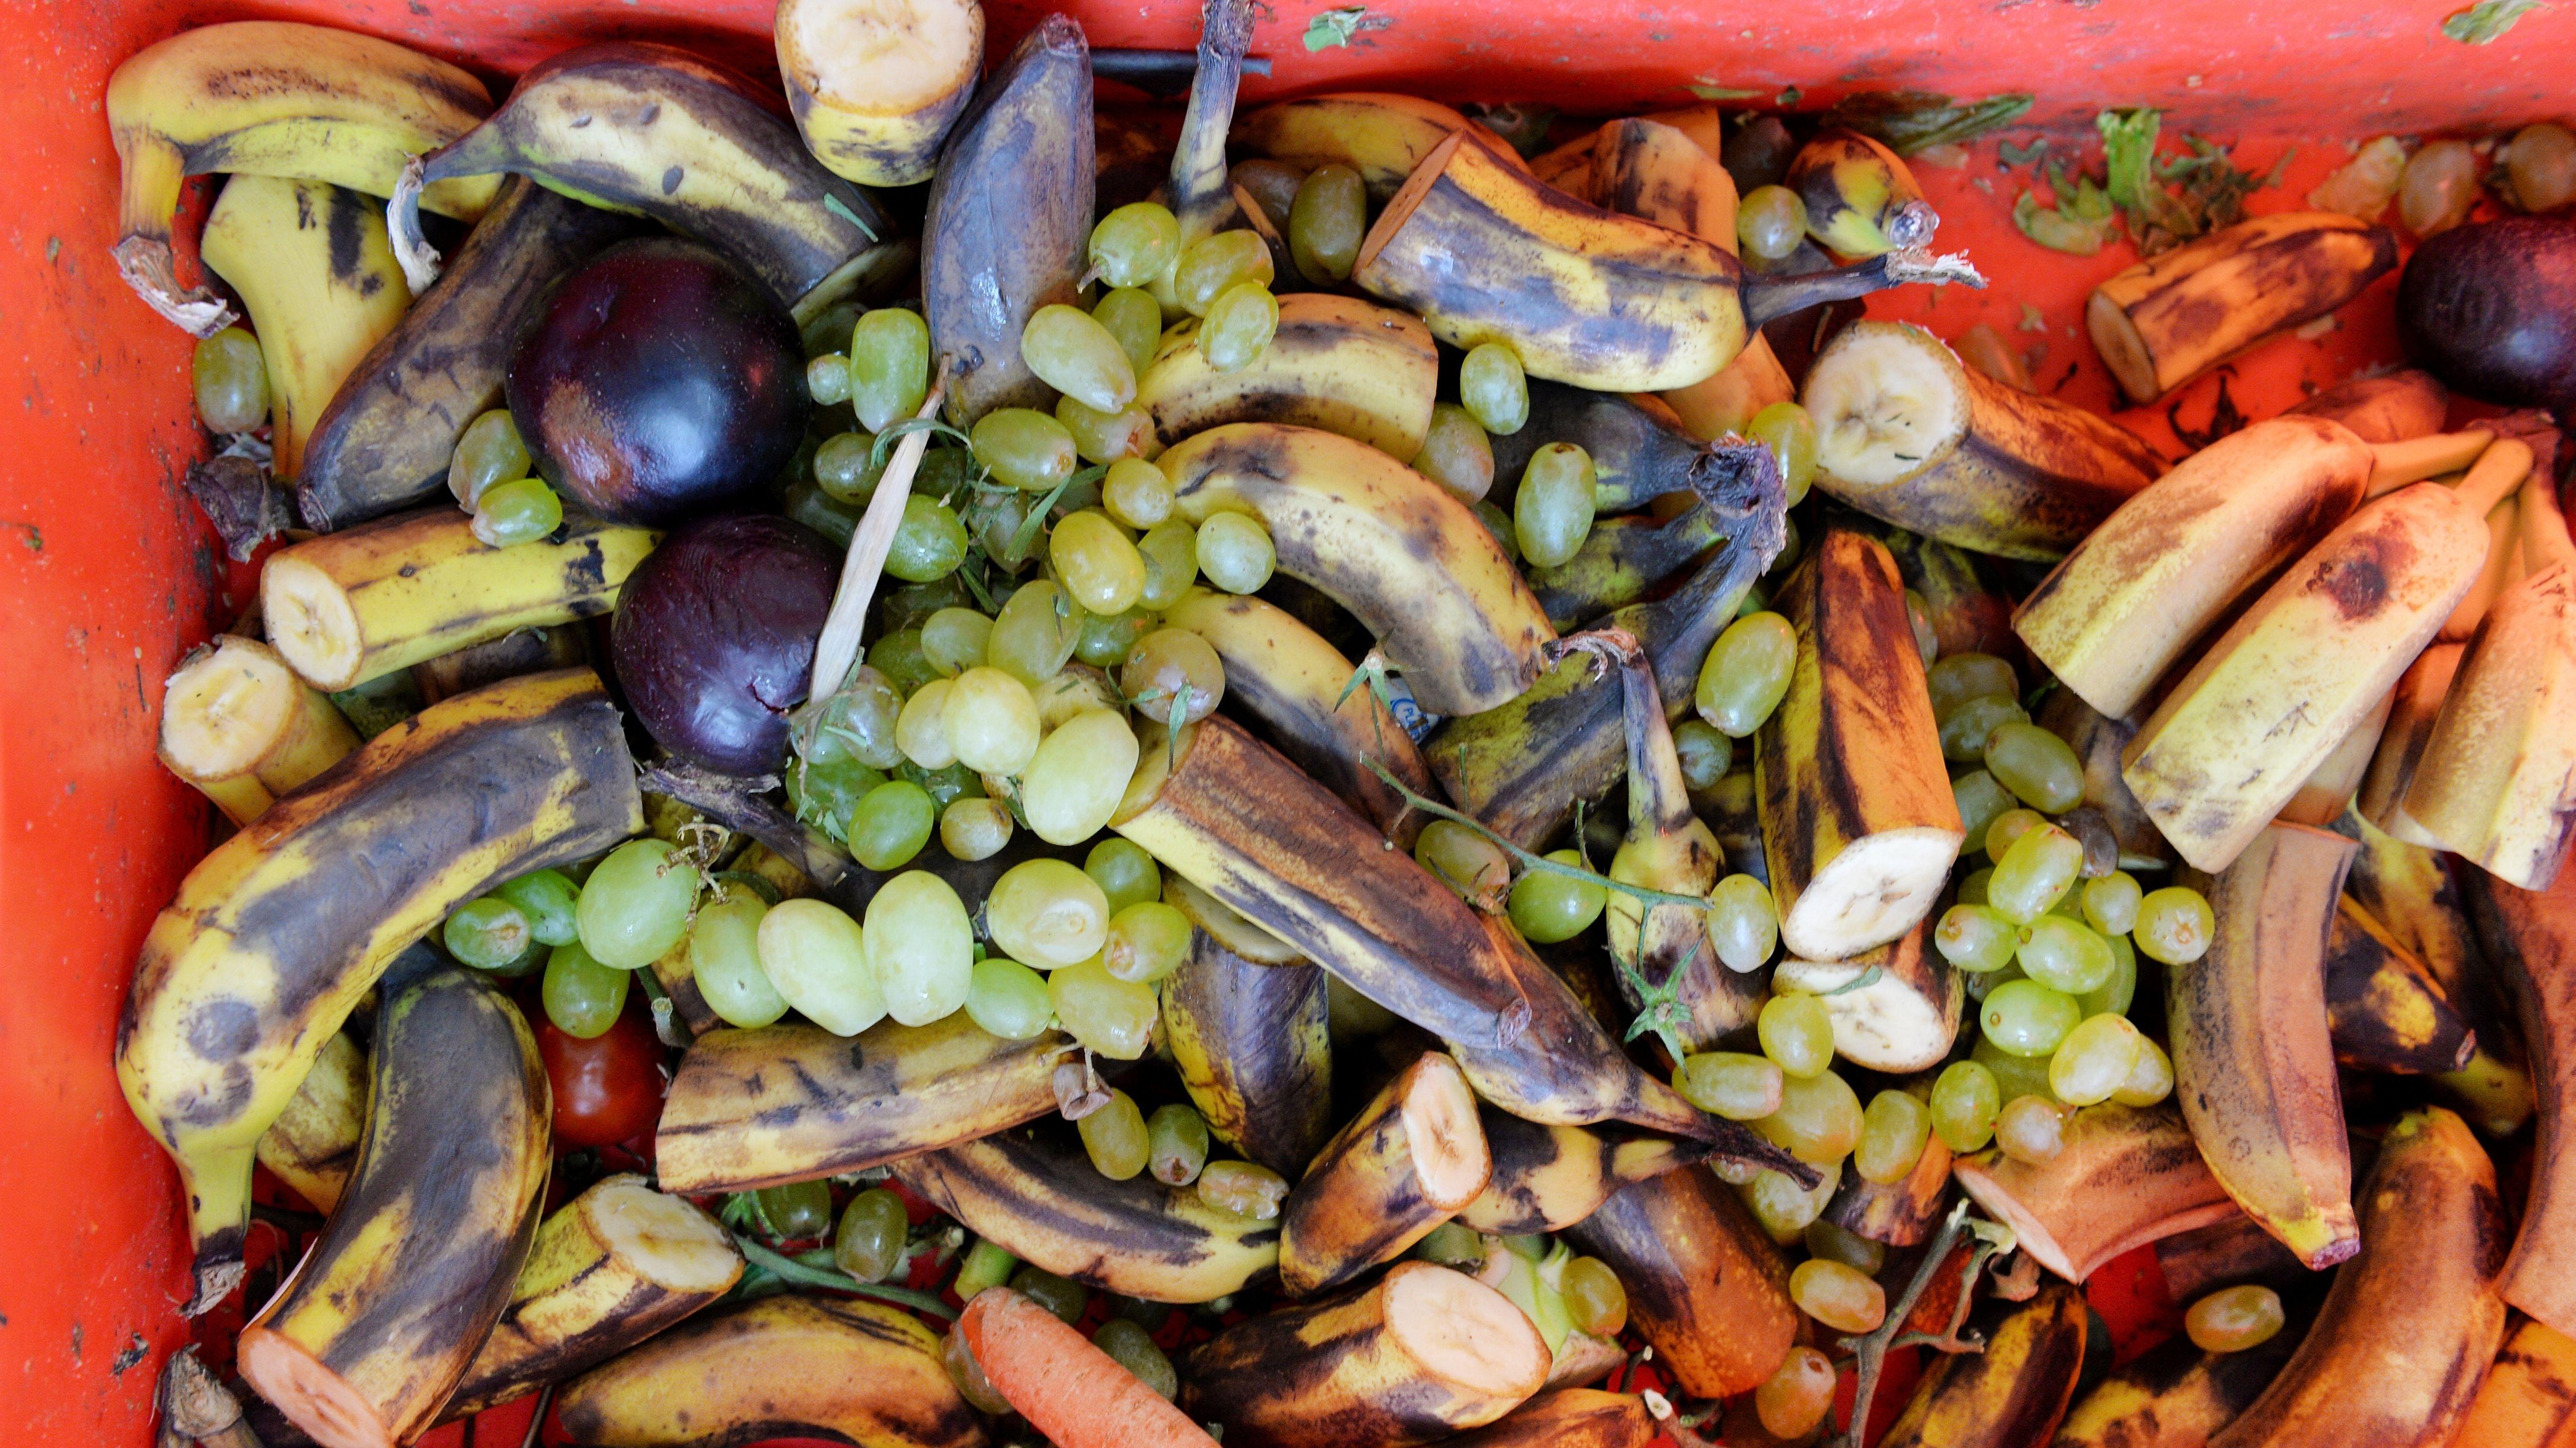 Weggeworfene Lebensmittel in einer Kiste